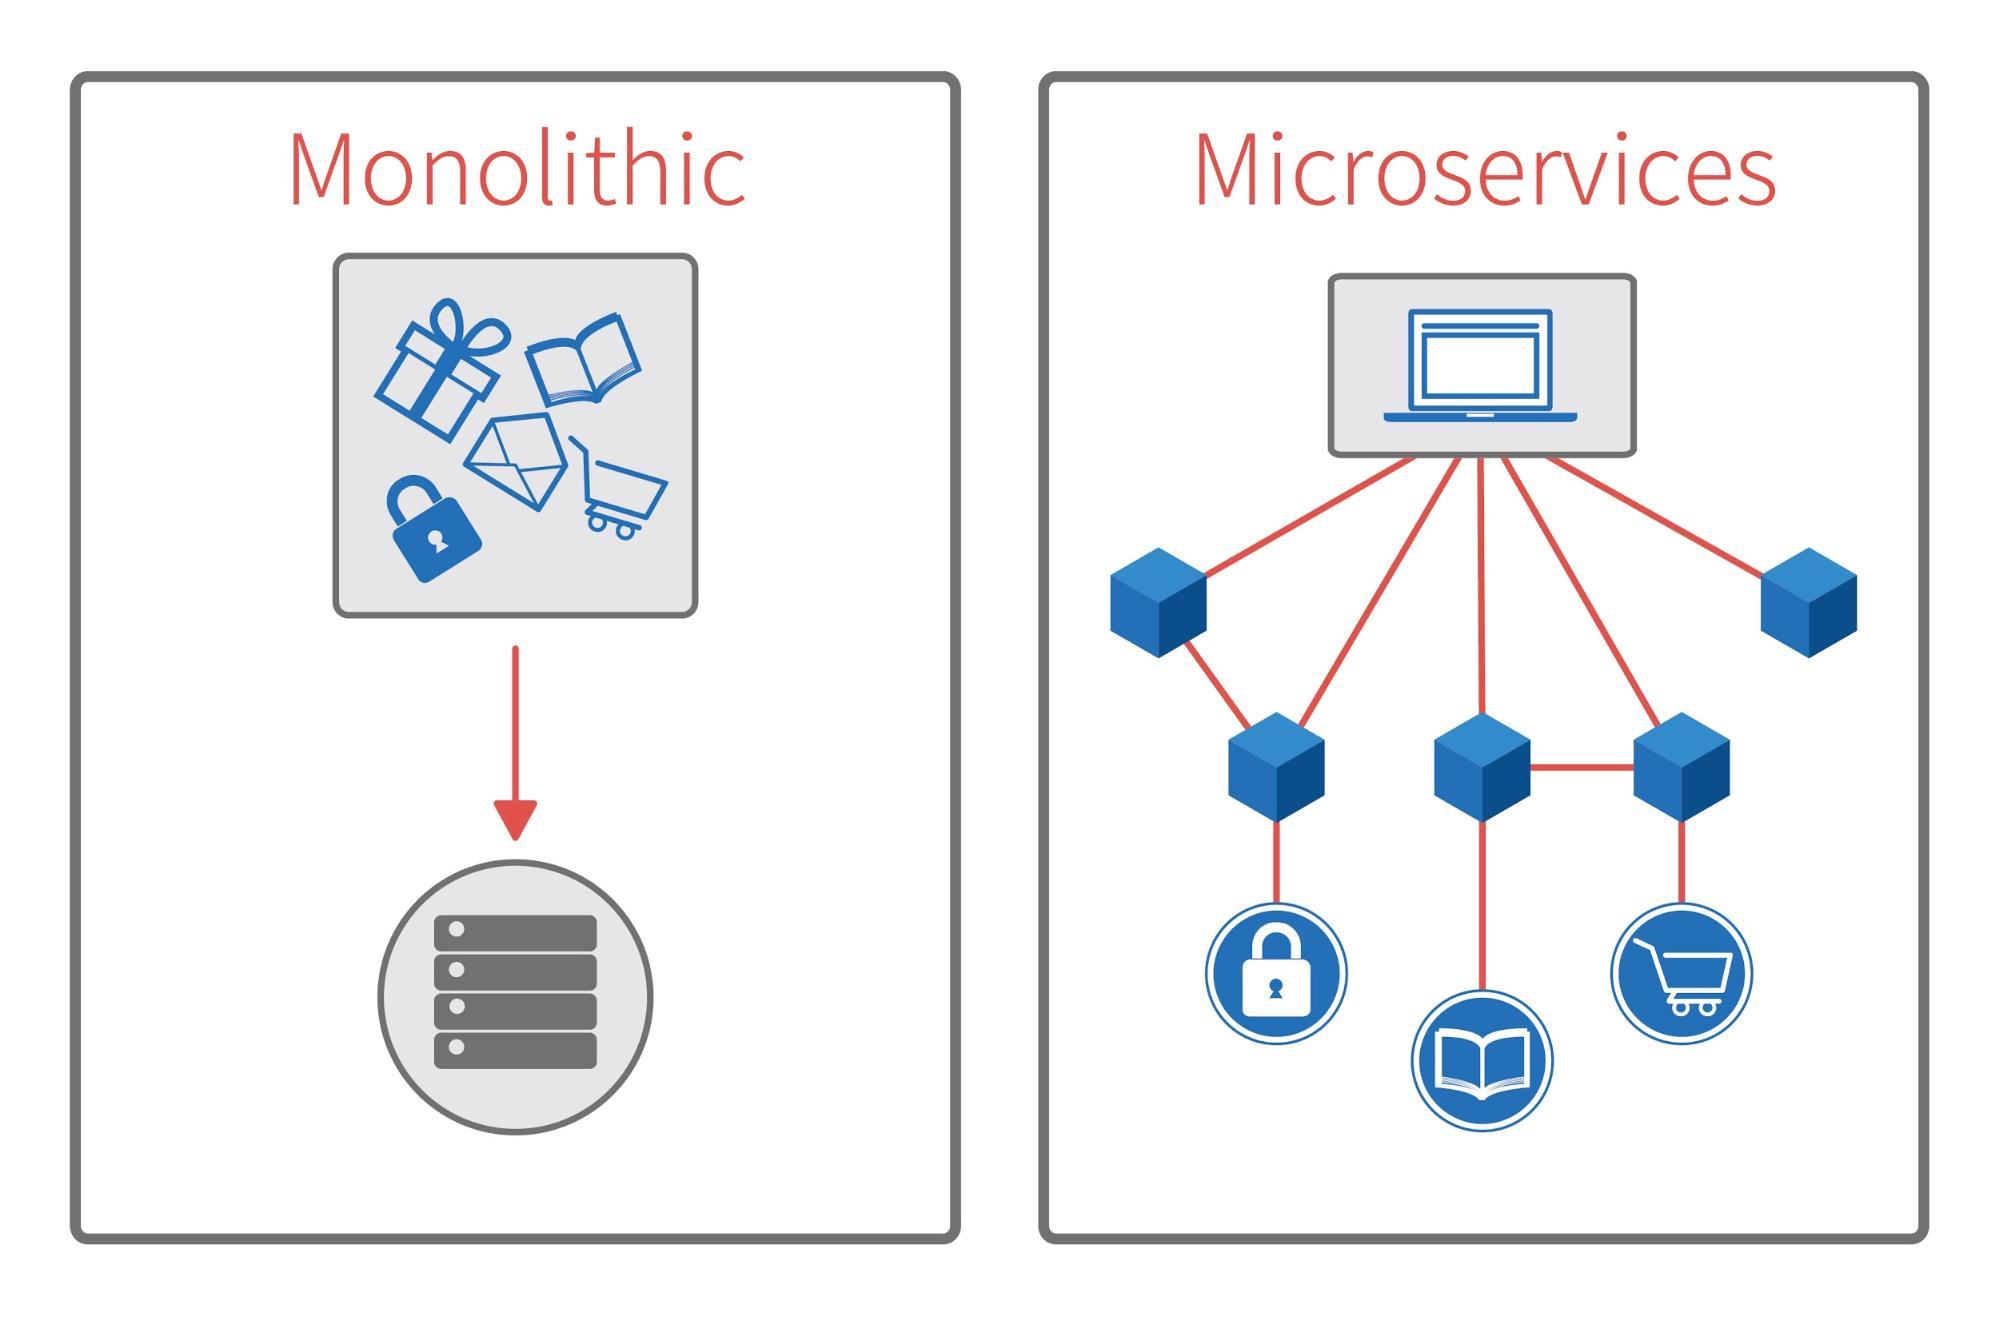 機能を適宜APIで呼び出し連携させるマイクロサービス